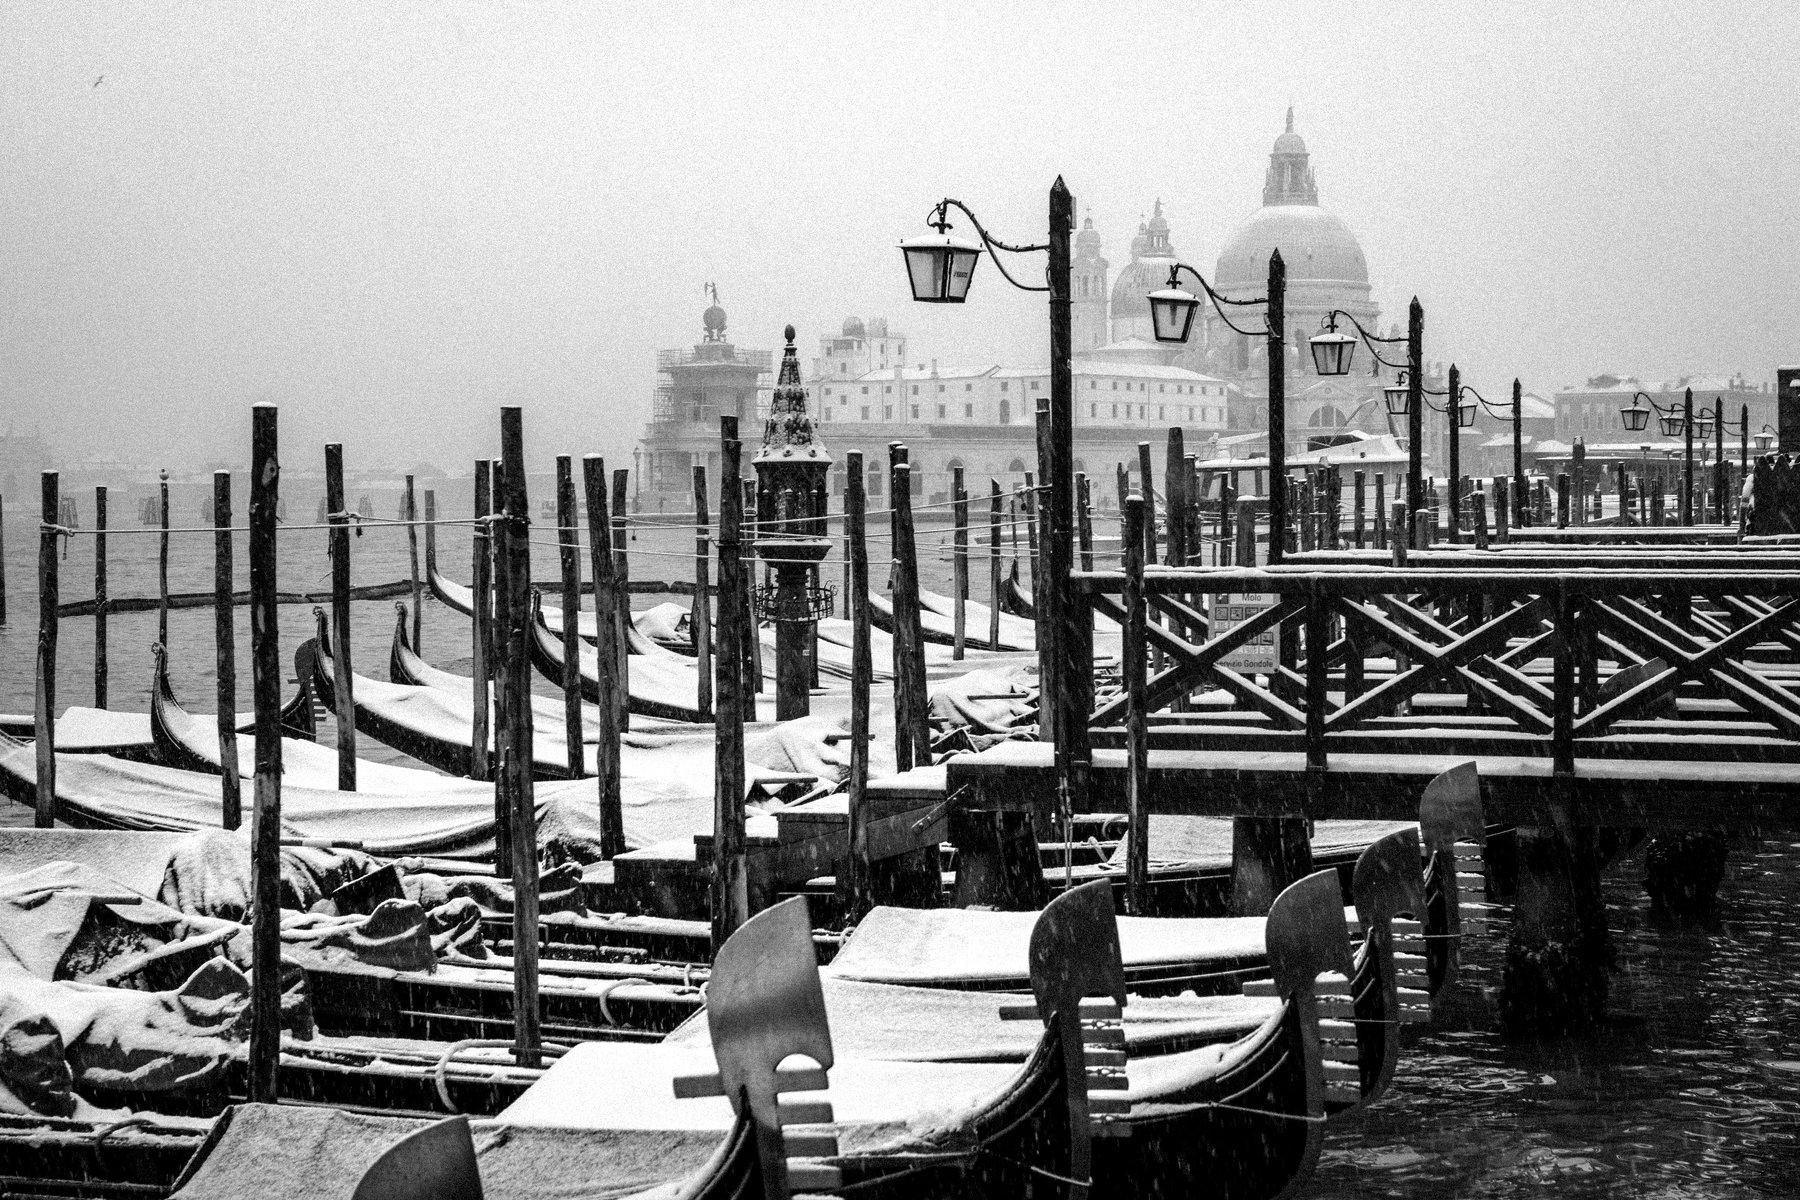 italy, venice, cityscape, winter, BW, Igor Sokolovsky